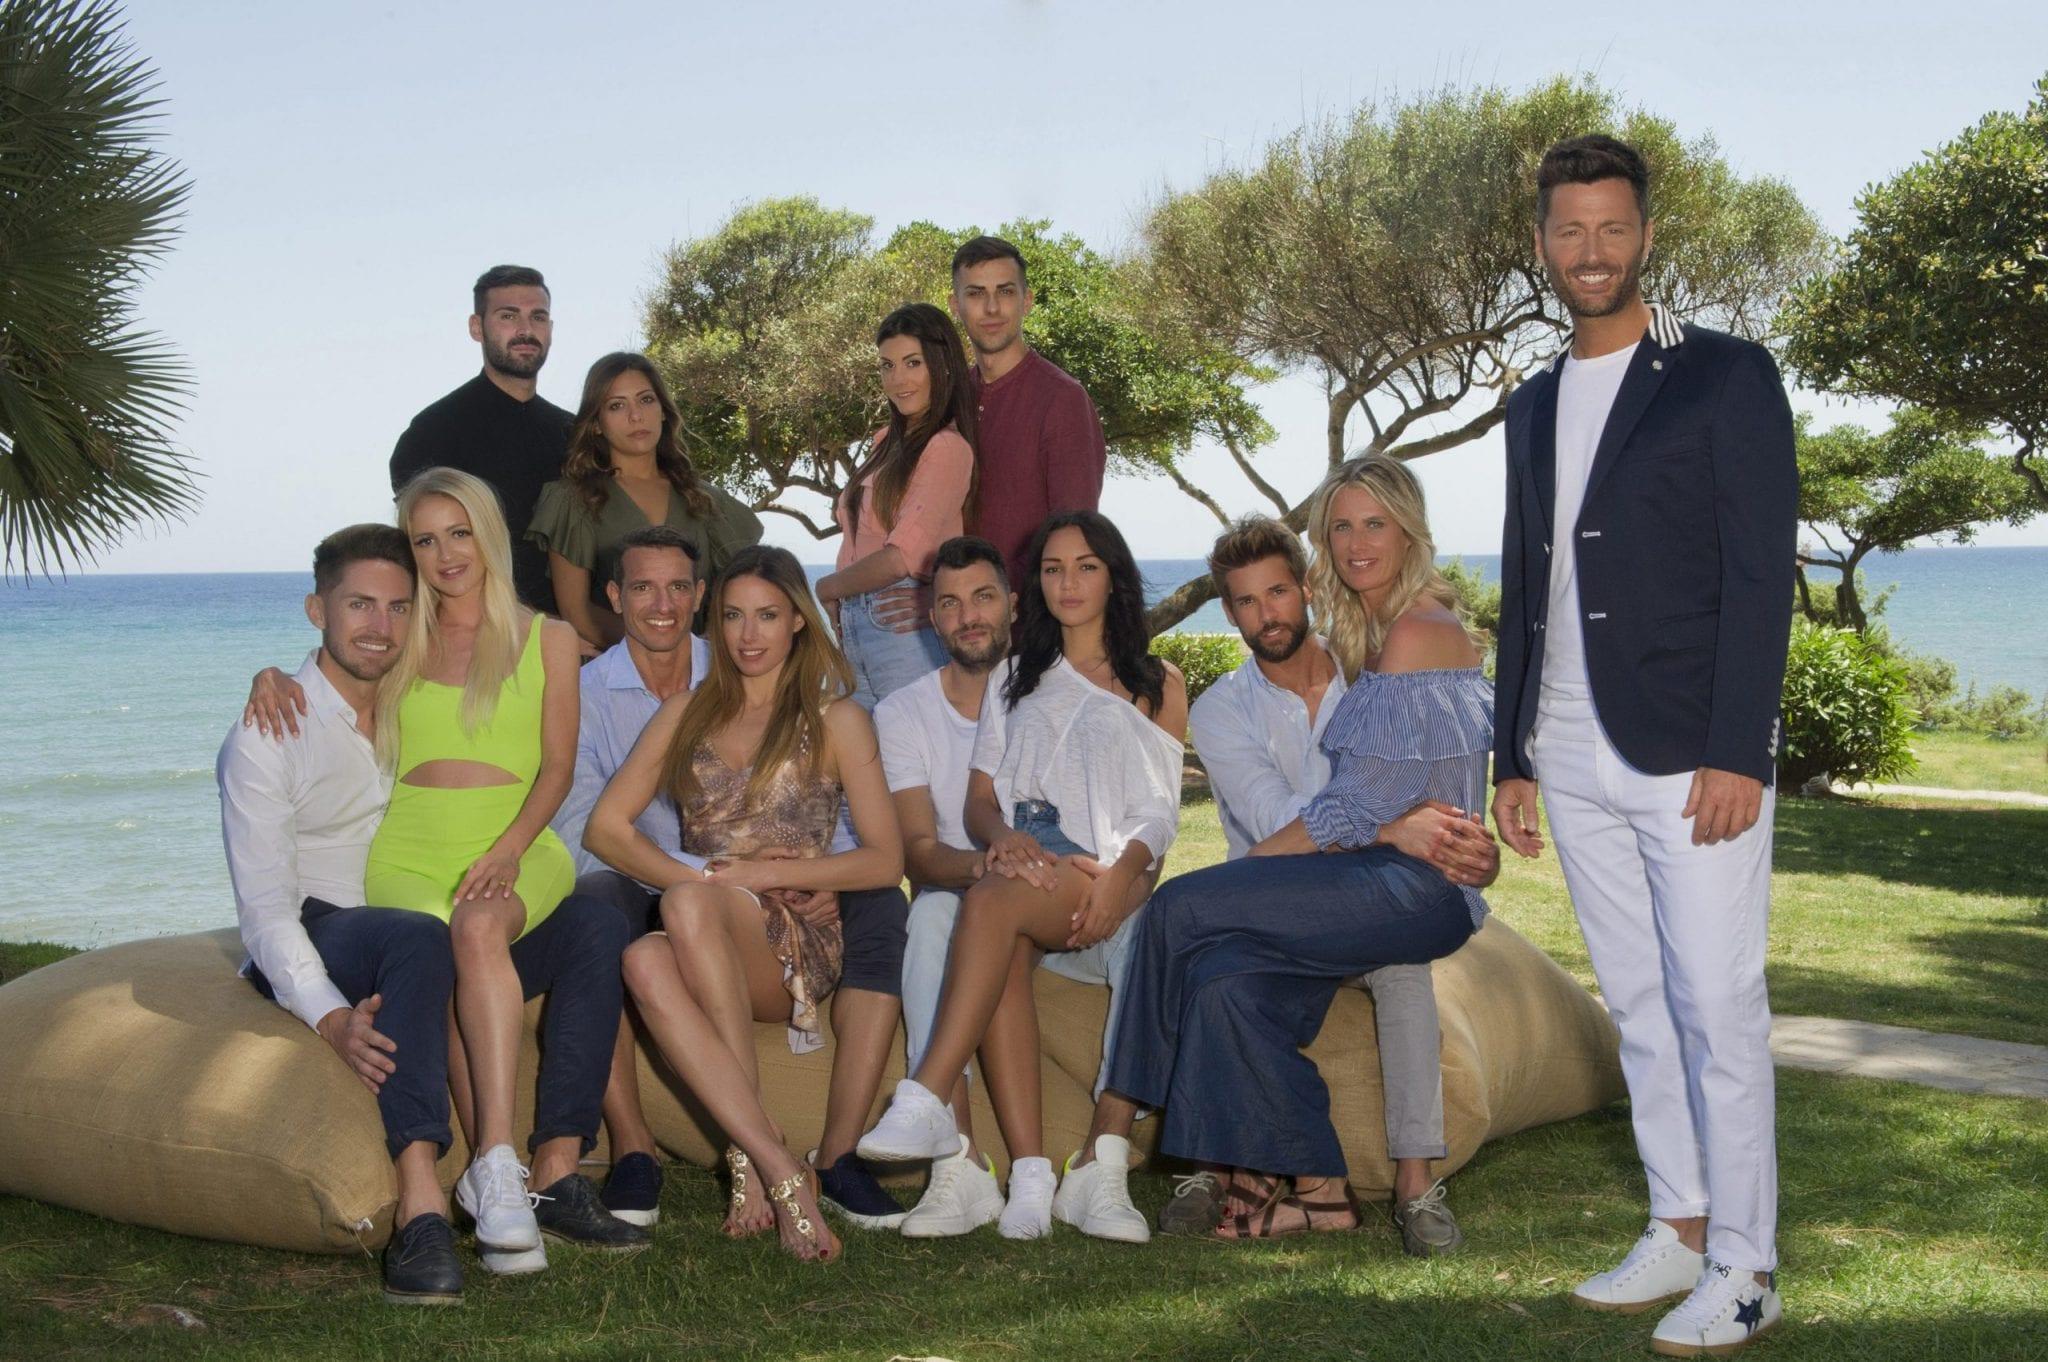 A giugno, su Canale 5, arrivano Temptation Island e Fratelli Caputo. In daytime, confermato Avanti un altro, e la nuova serie turca Erkenci Kuş in 1ªtv